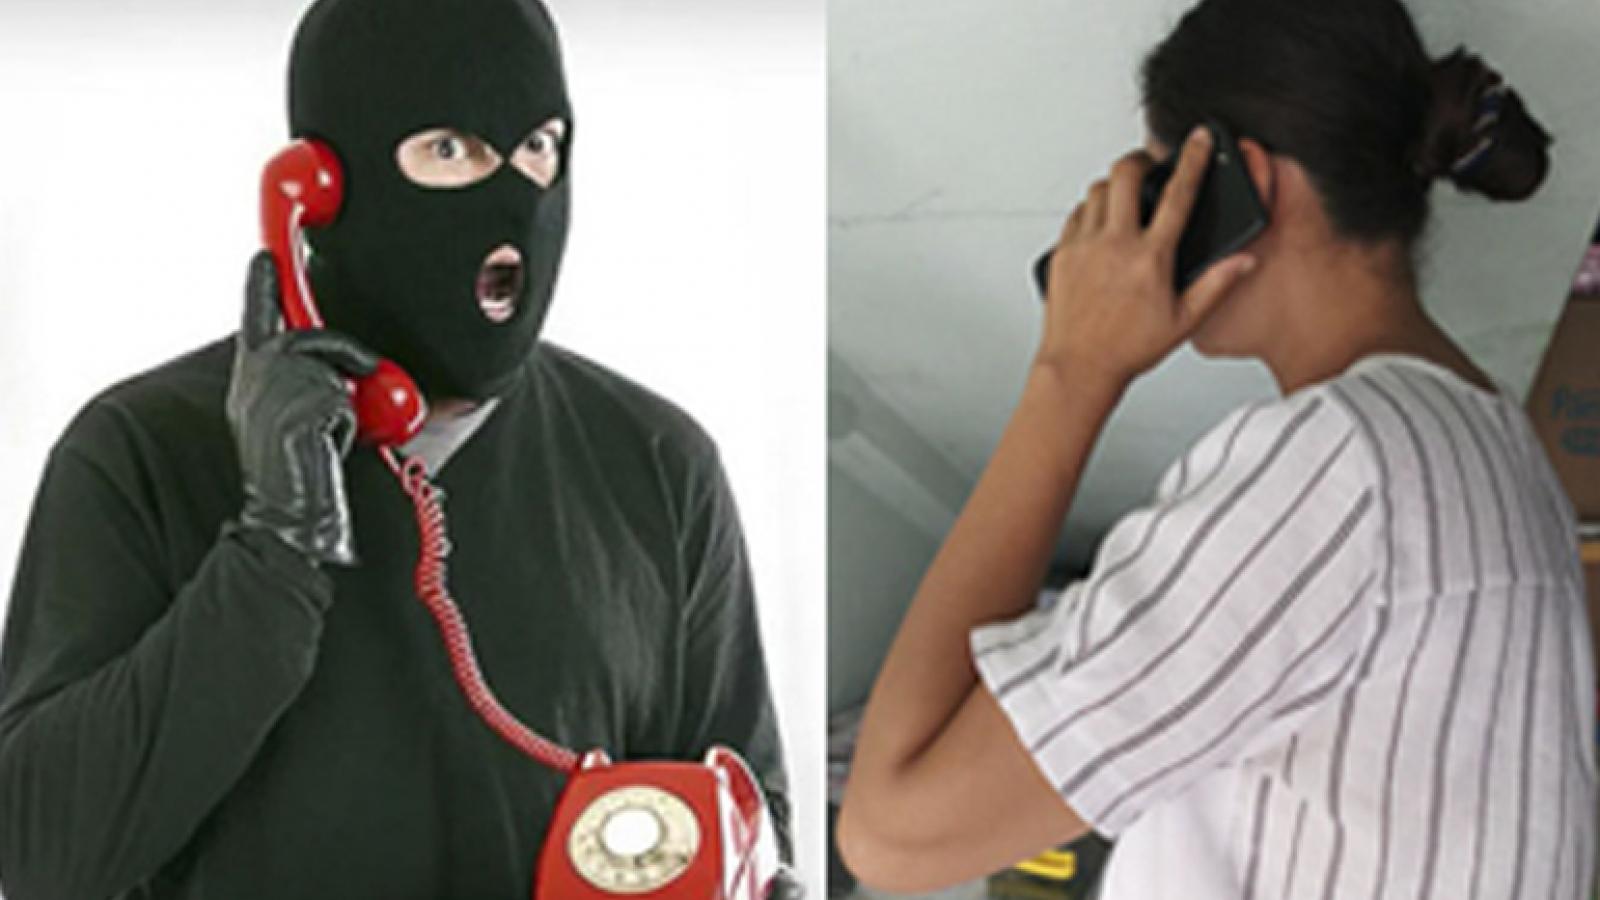 Gọi điện thoại mạo danh - Chiêu trò lừa đảo cũ vẫn khiến nhiều người mất tiền